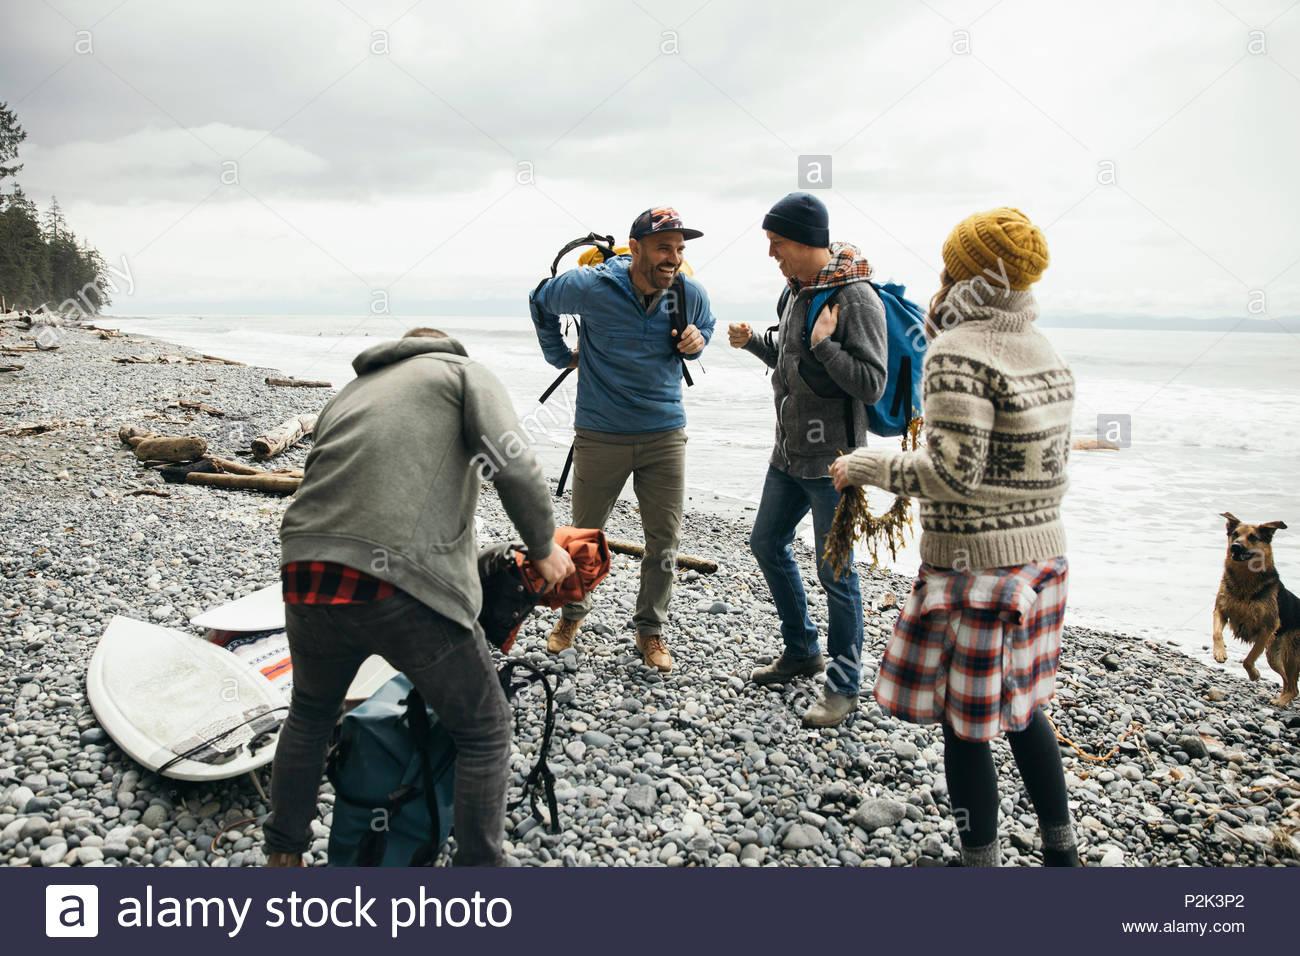 Amigos con perro disfruta de una escapada de fin de semana de surf en playa resistente Imagen De Stock